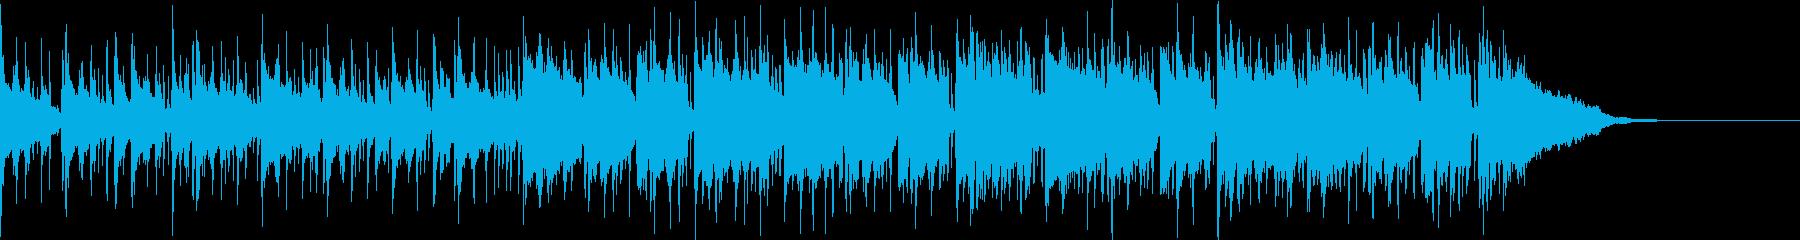 Pf「惰眠」和風現代ジャズの再生済みの波形